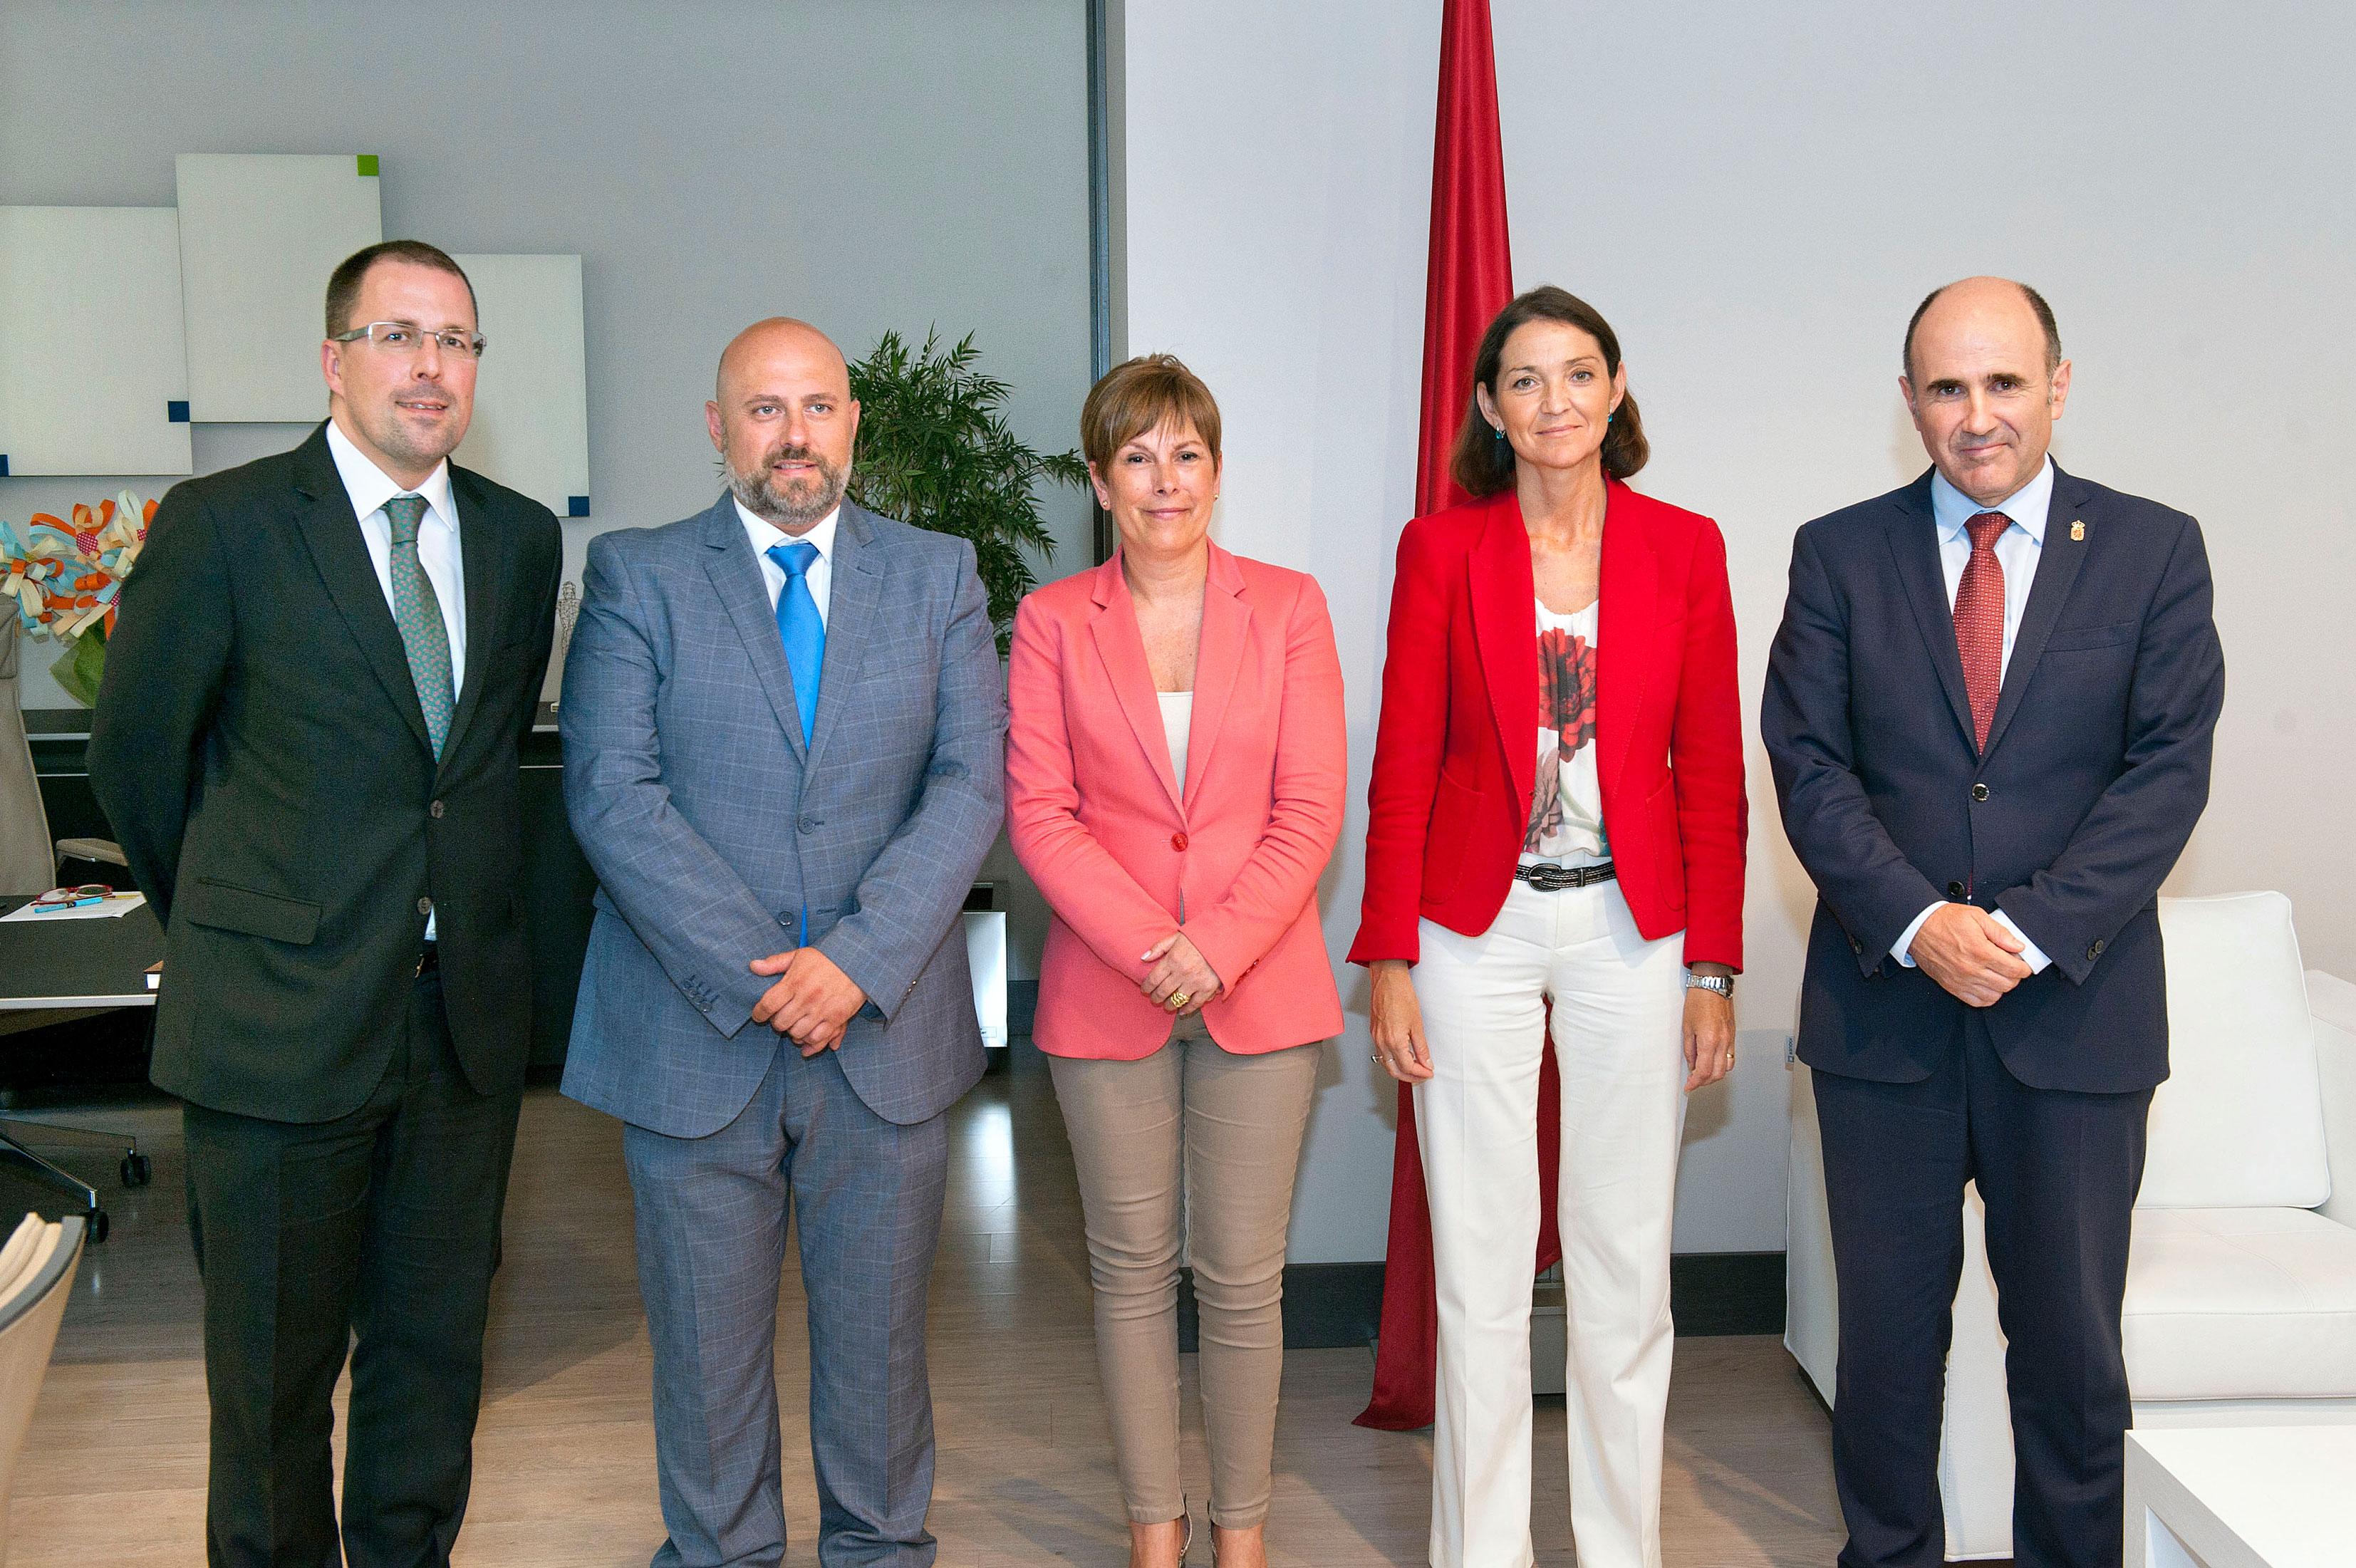 El secretario general de Industria, Raúl Blanco, José Luis Arasti, Uxue Barkos, la ministra Reyes Maroto y Manu Ayerdi.